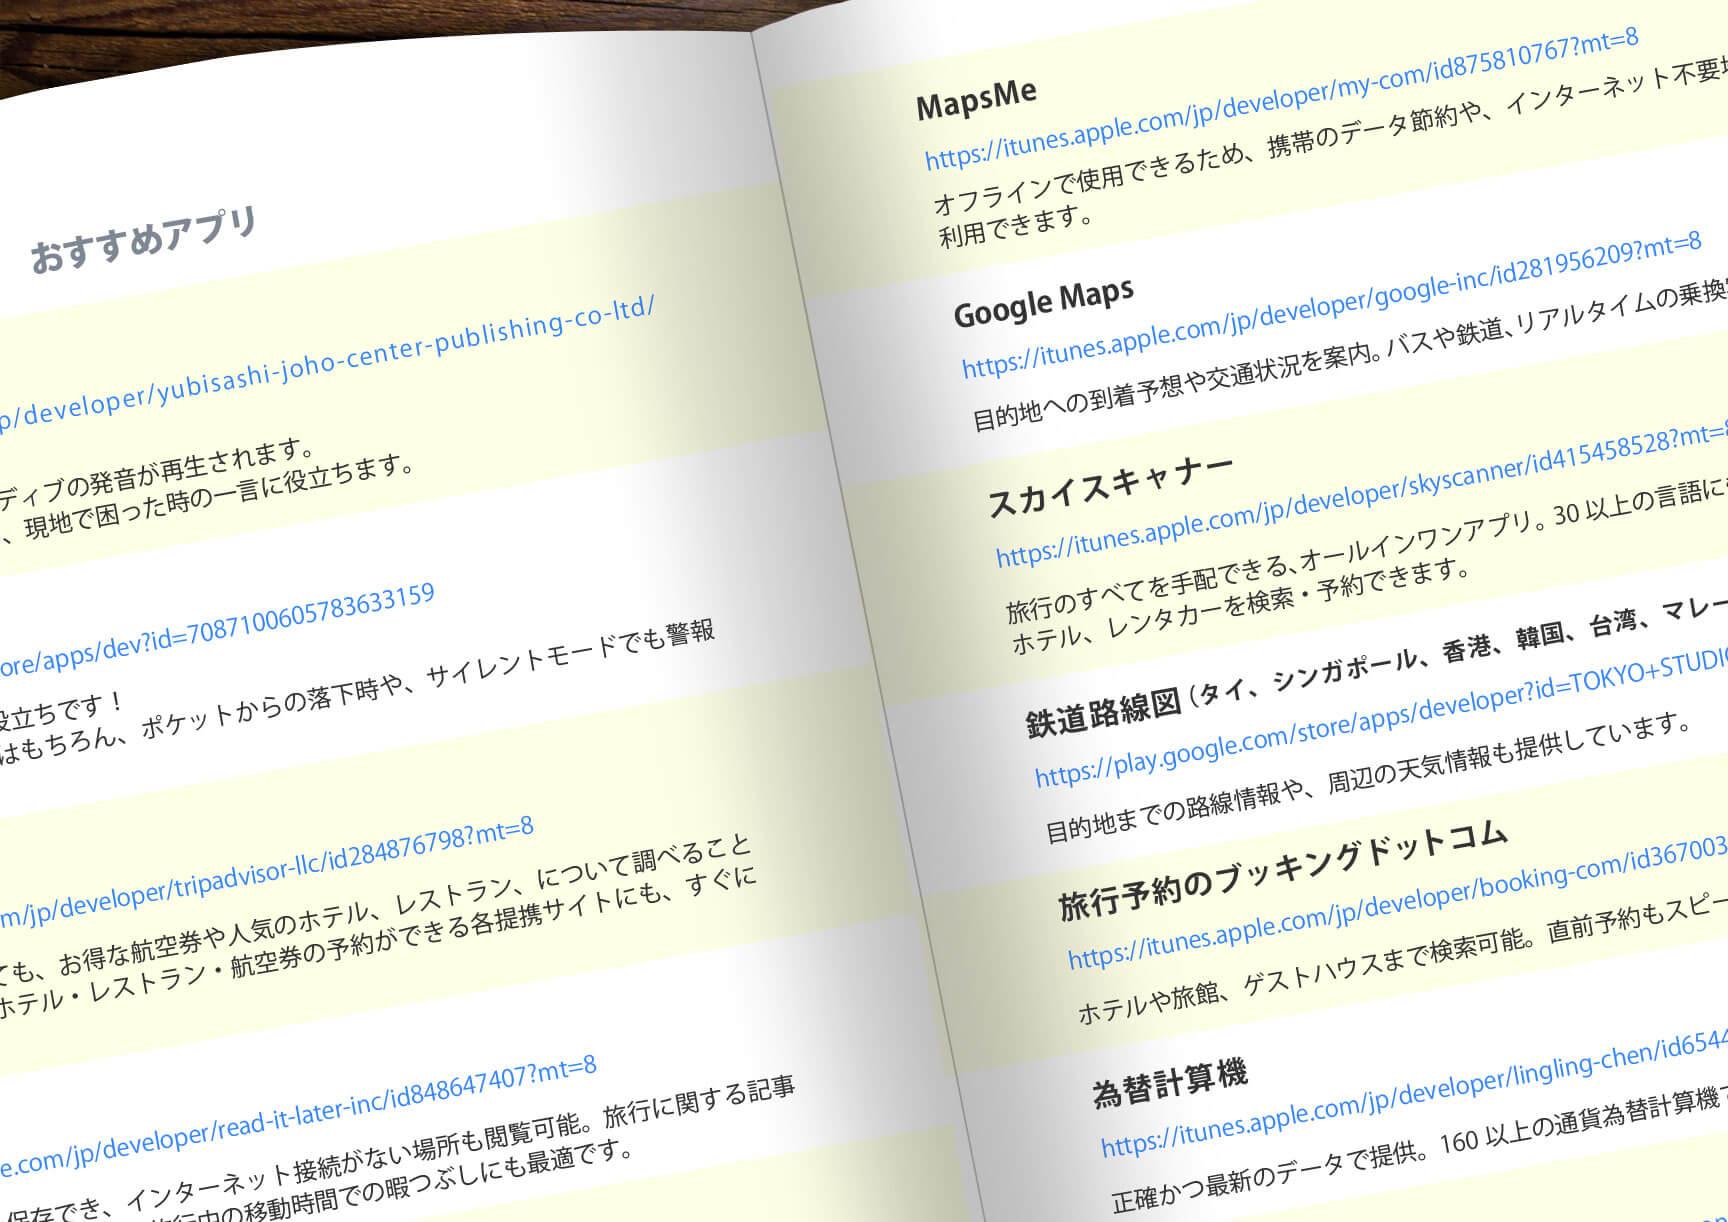 リゾート旅行お助けブック in ASIA 無料プレゼント